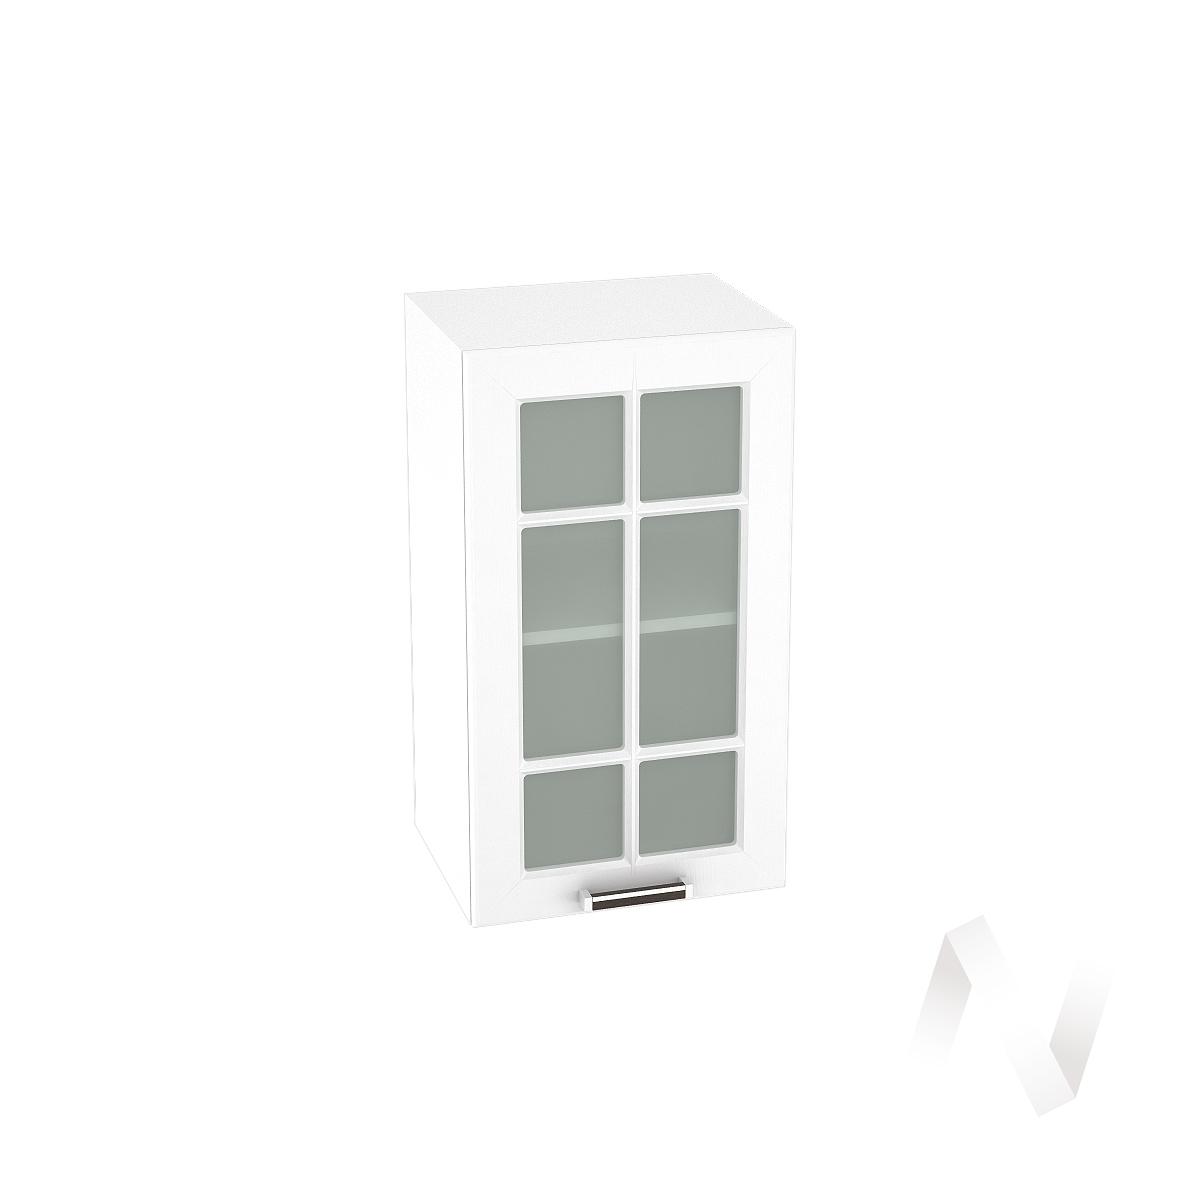 """Кухня """"Прага"""": Шкаф верхний со стеклом 400, ШВС 400 (белое дерево/корпус белый)"""